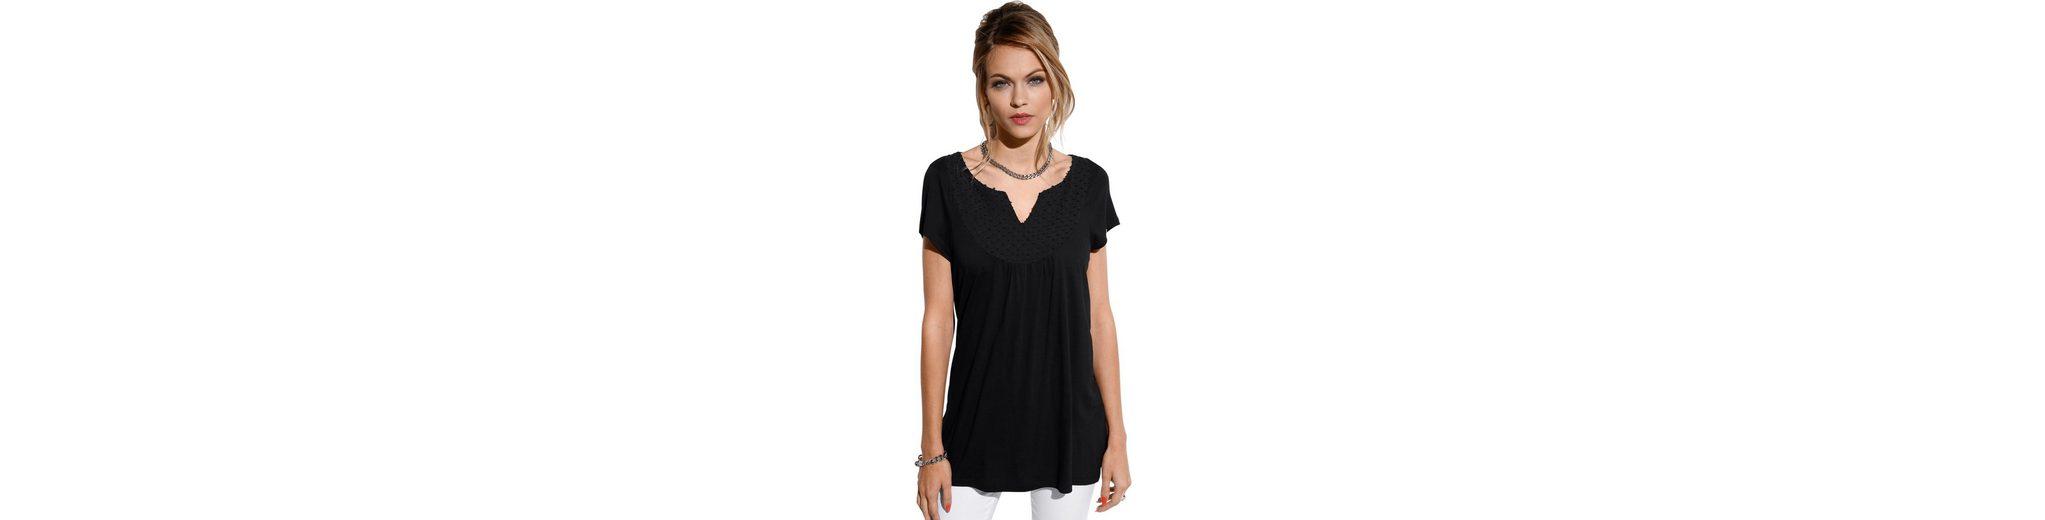 Offiziell Création L Shirt aus weicher Viskose Rabatte Für Verkauf Günstiger Online-Shop Gpxjo1